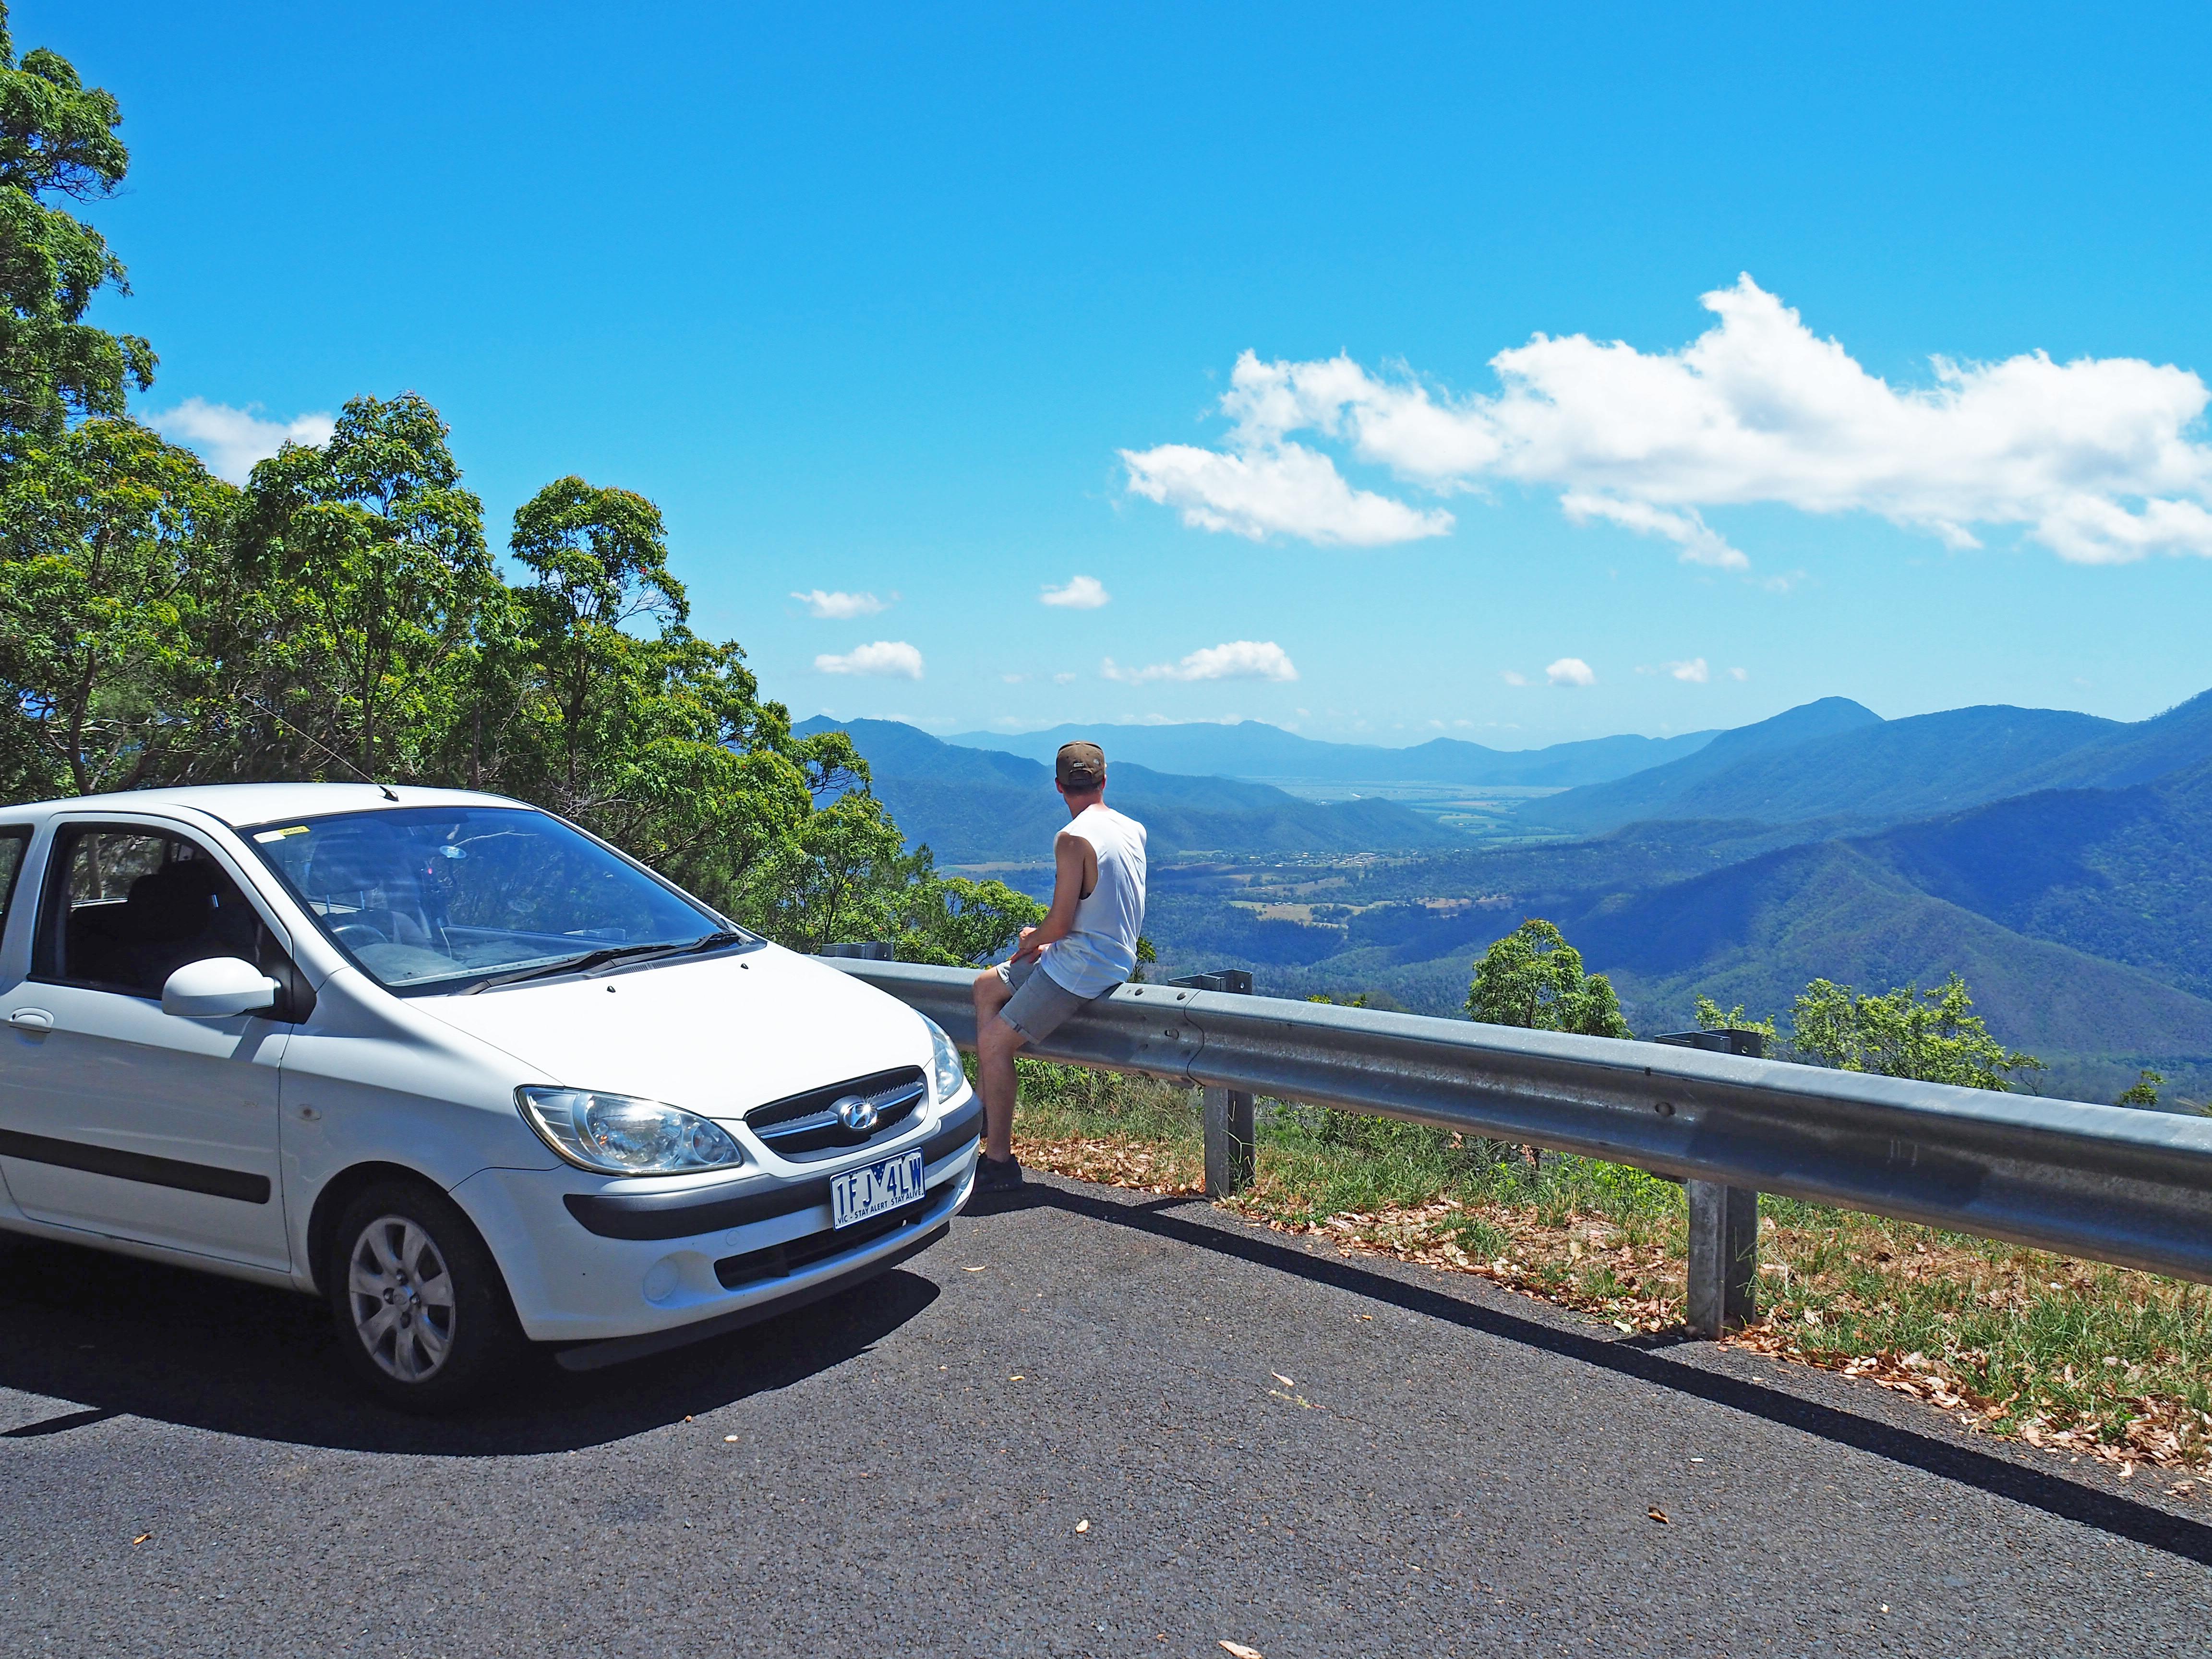 acheter sa voiture en australie l histoire de la mitshi mitshu blog mamoute. Black Bedroom Furniture Sets. Home Design Ideas